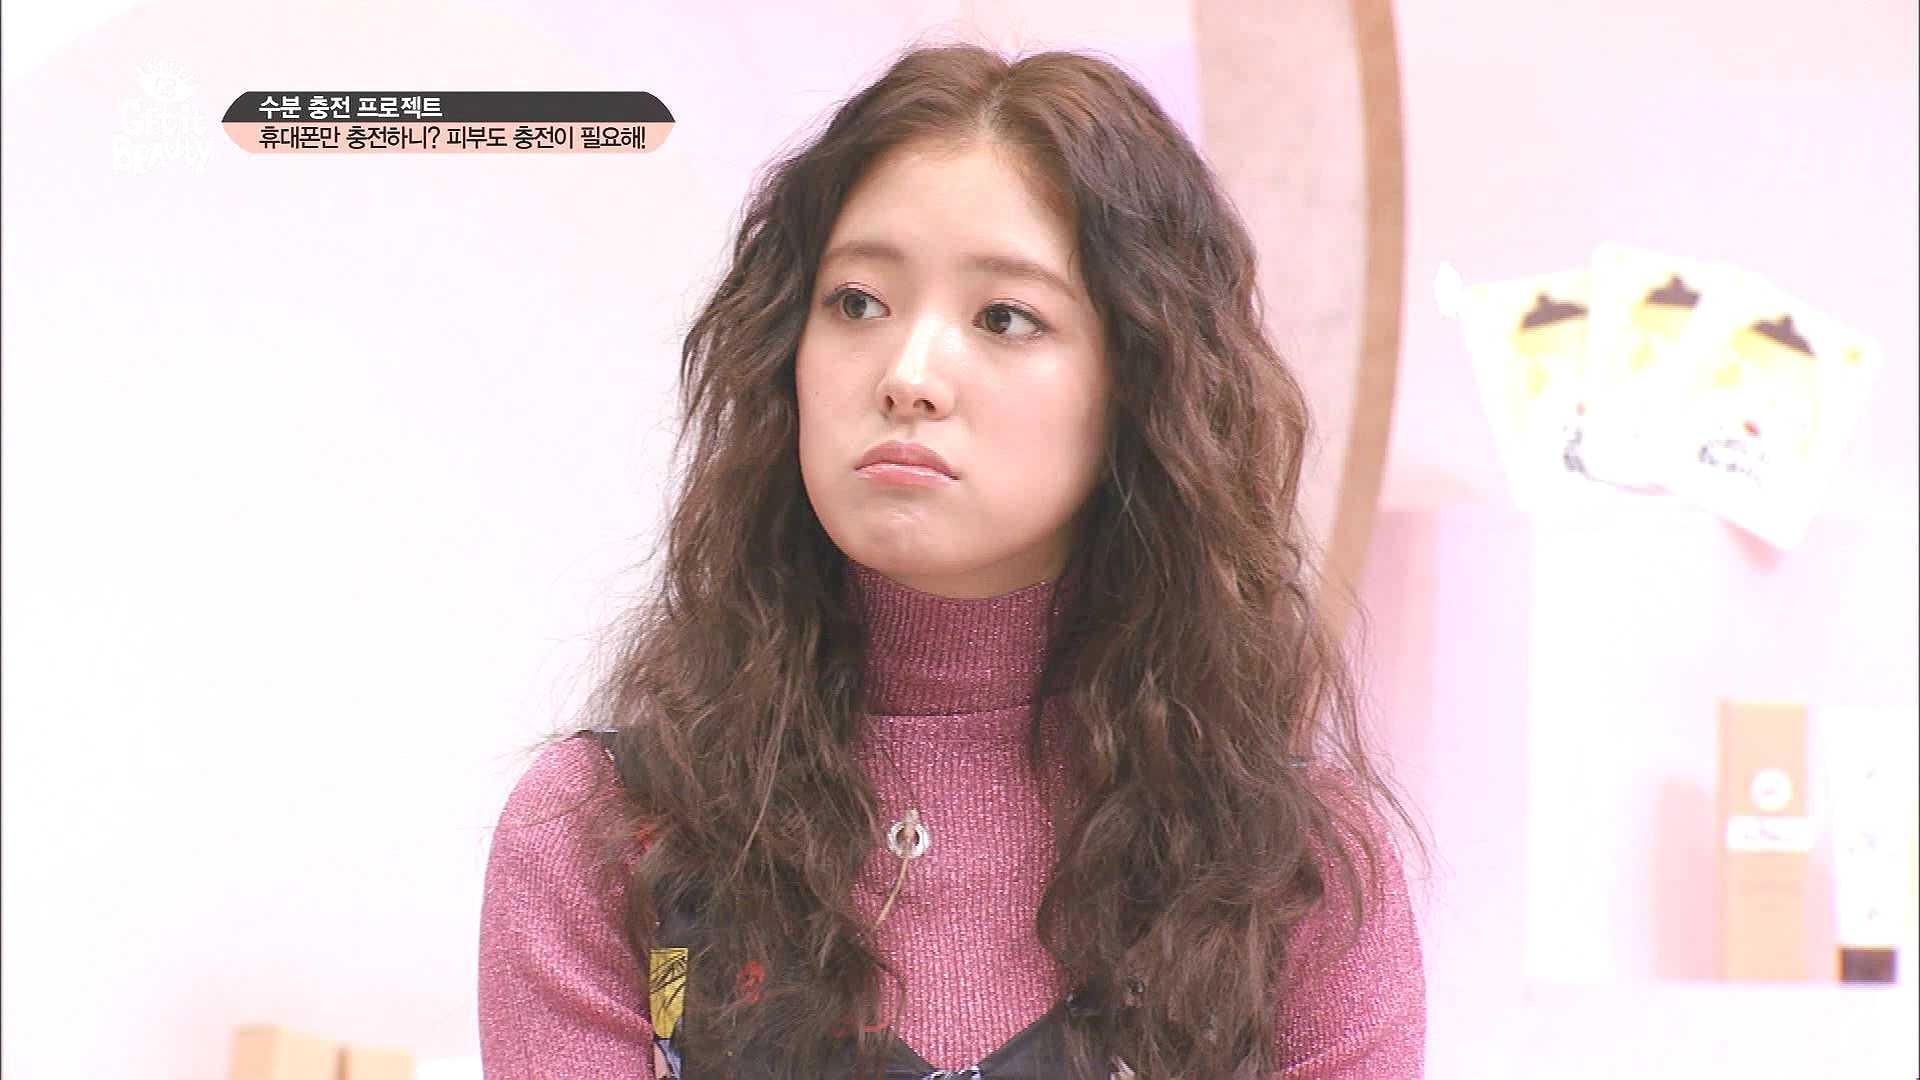 의상정보: 터틀넥 - 스타일난다 / 패턴 원피스 - SJYP